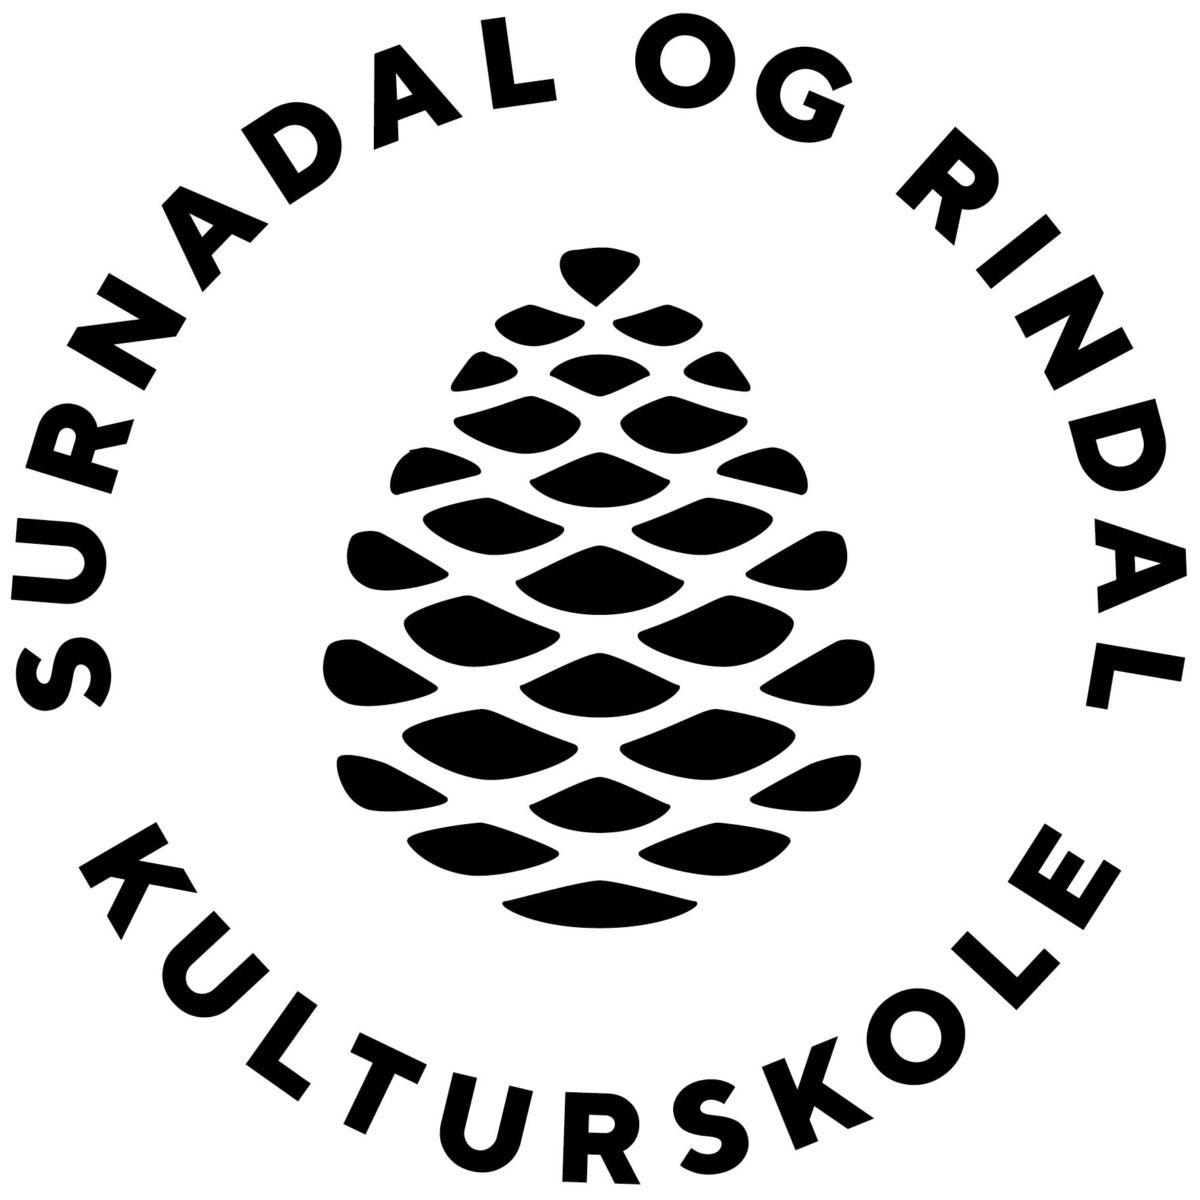 Slik ser den nye logoen til SRKS ut - den er designet av Ingun Redalen White.